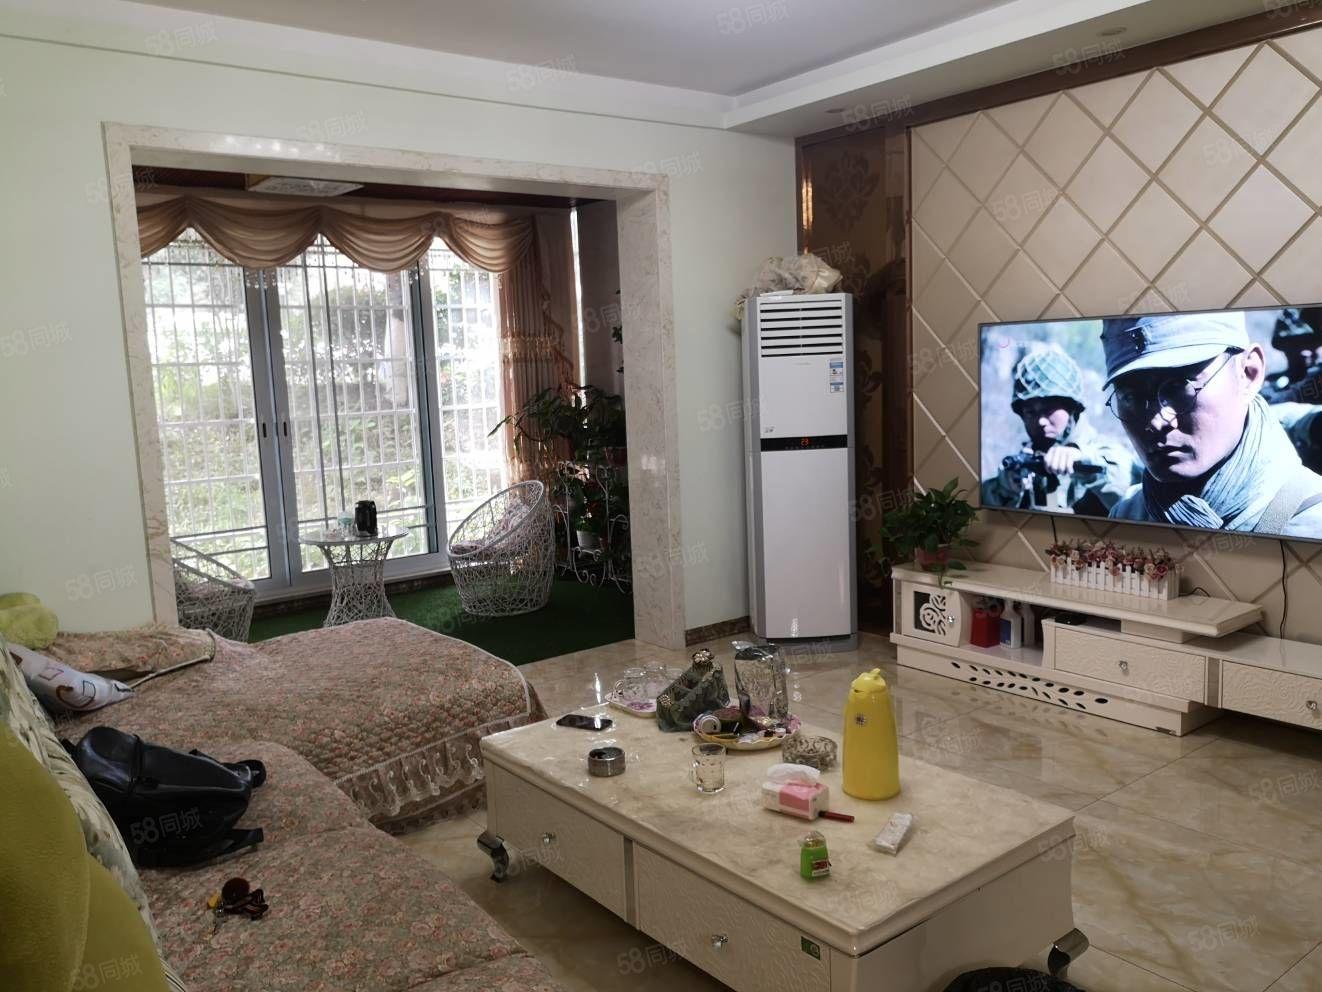 康桥锦华城多层精装大三房户型方正小区中庭可按揭!